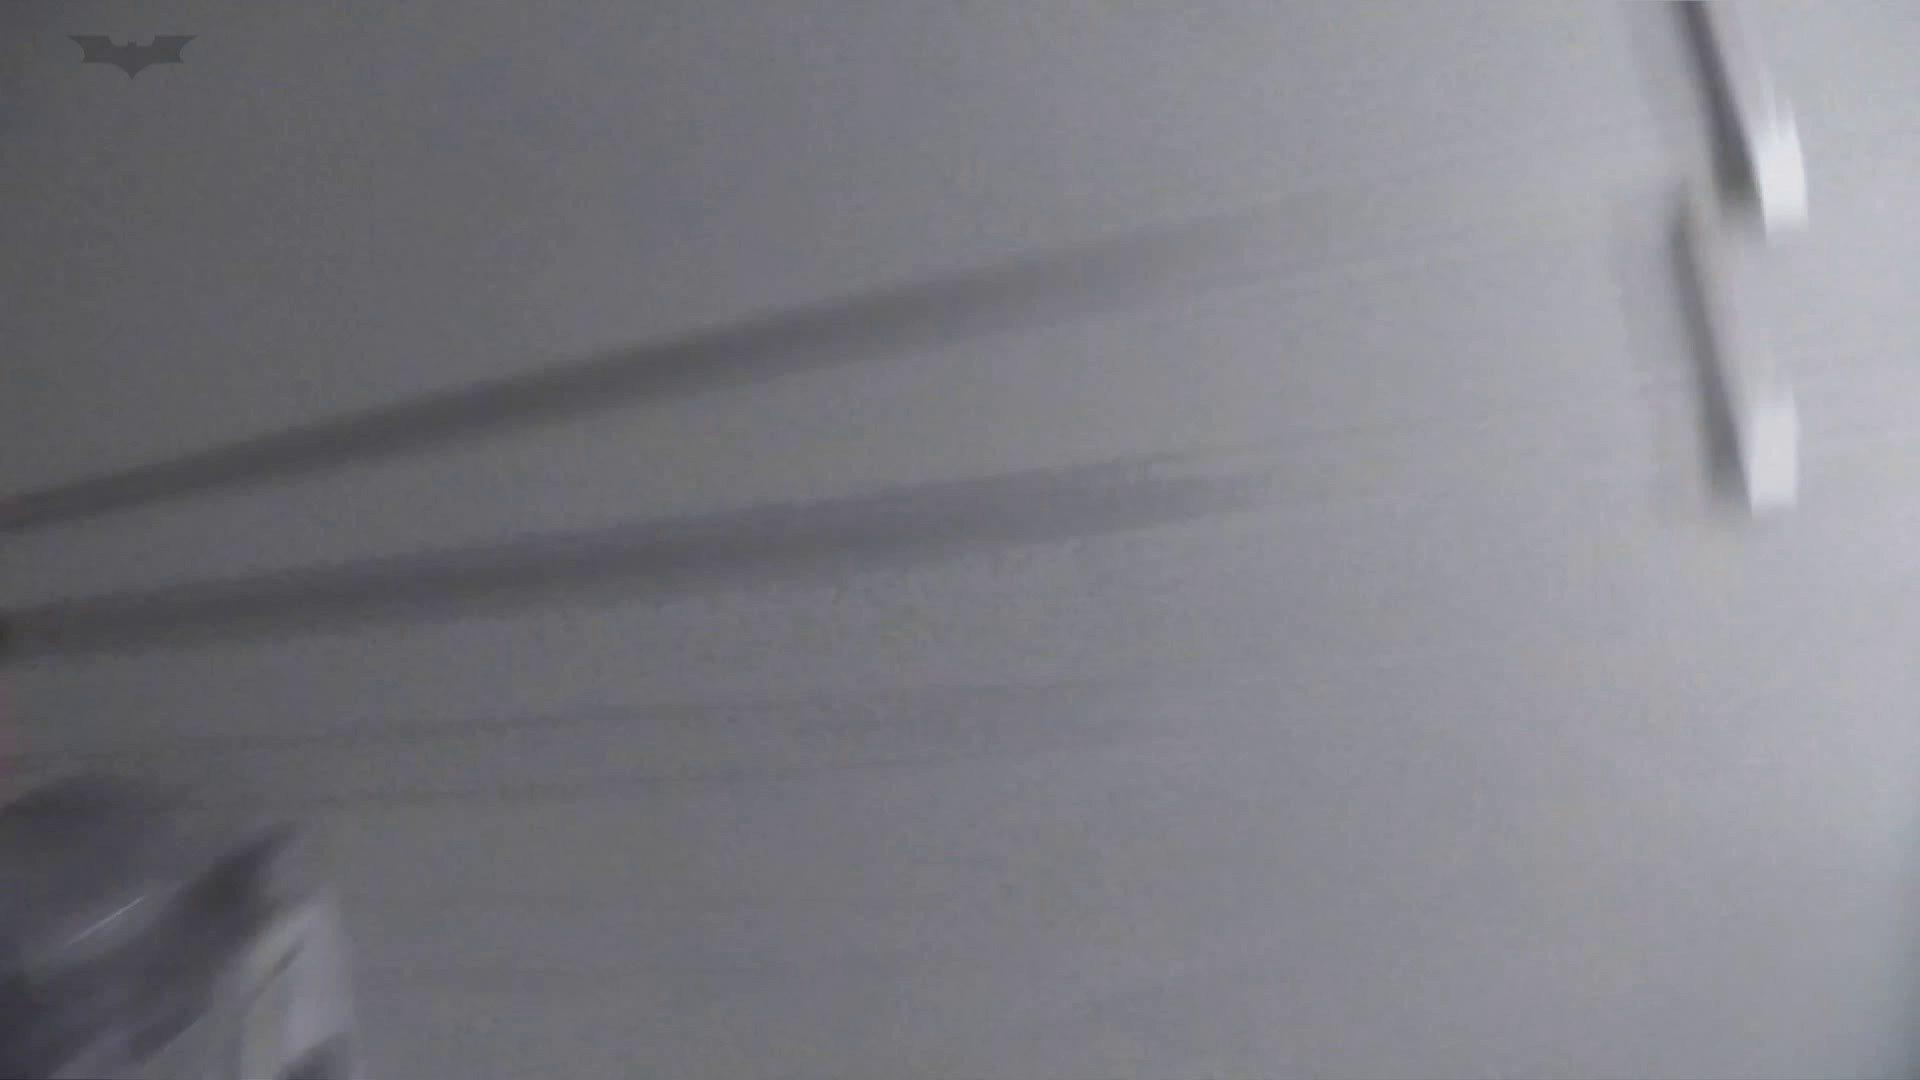 ▲復活限定▲マンコ丸見え!花火大会潜入撮 Vol.03浴衣じゃないケド・・・。 浴衣ギャル 隠し撮りすけべAV動画紹介 69pic 34